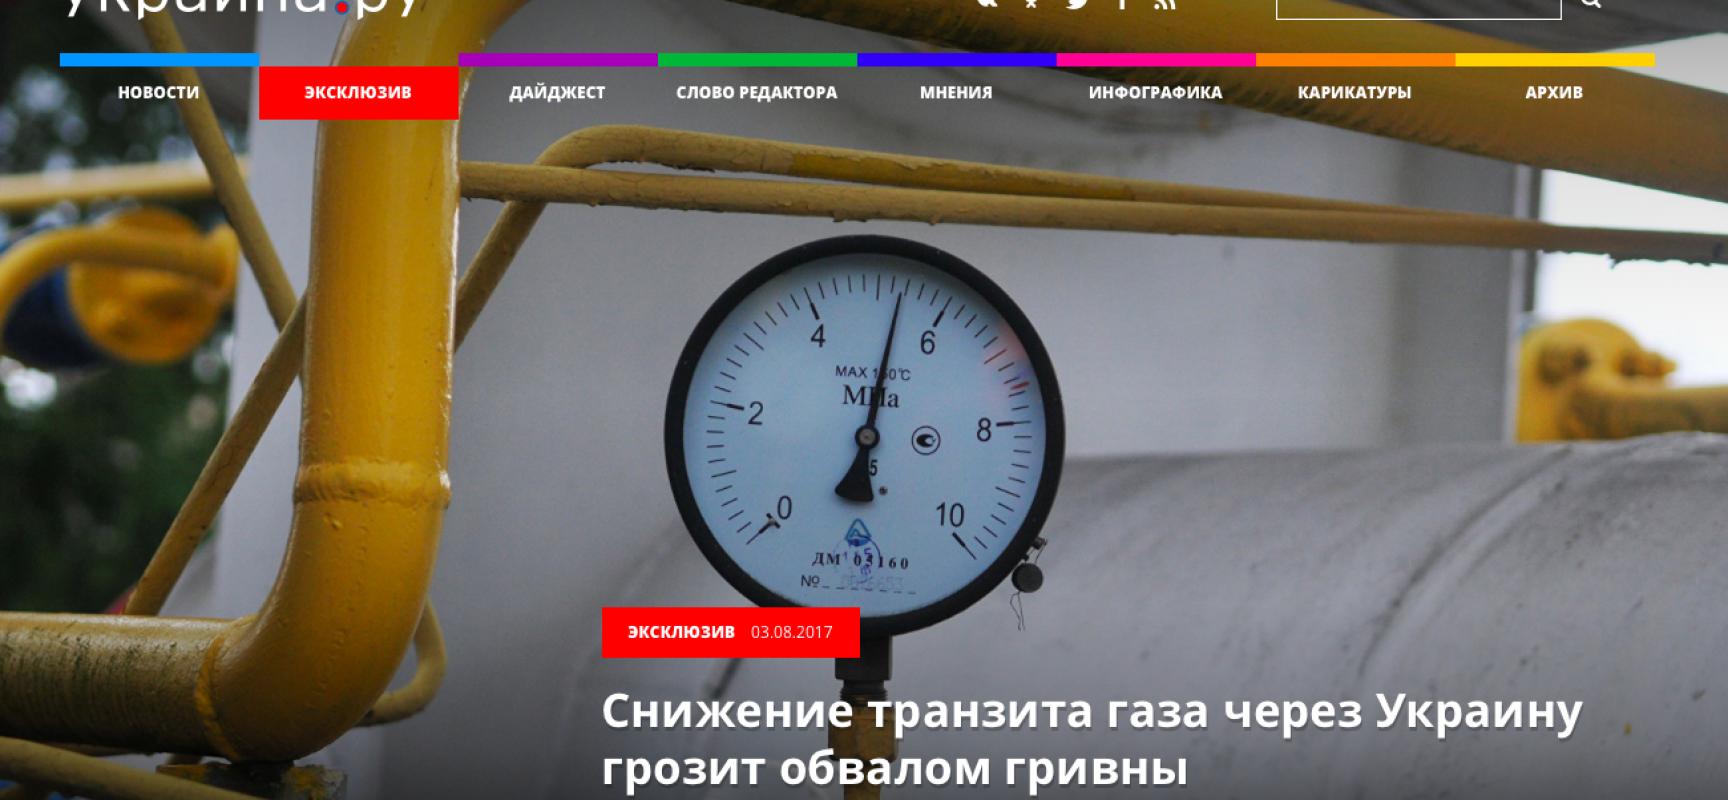 Fake: La riduzione del transito del gas attraverso l'Ucraina farà collassare la moneta ucraina